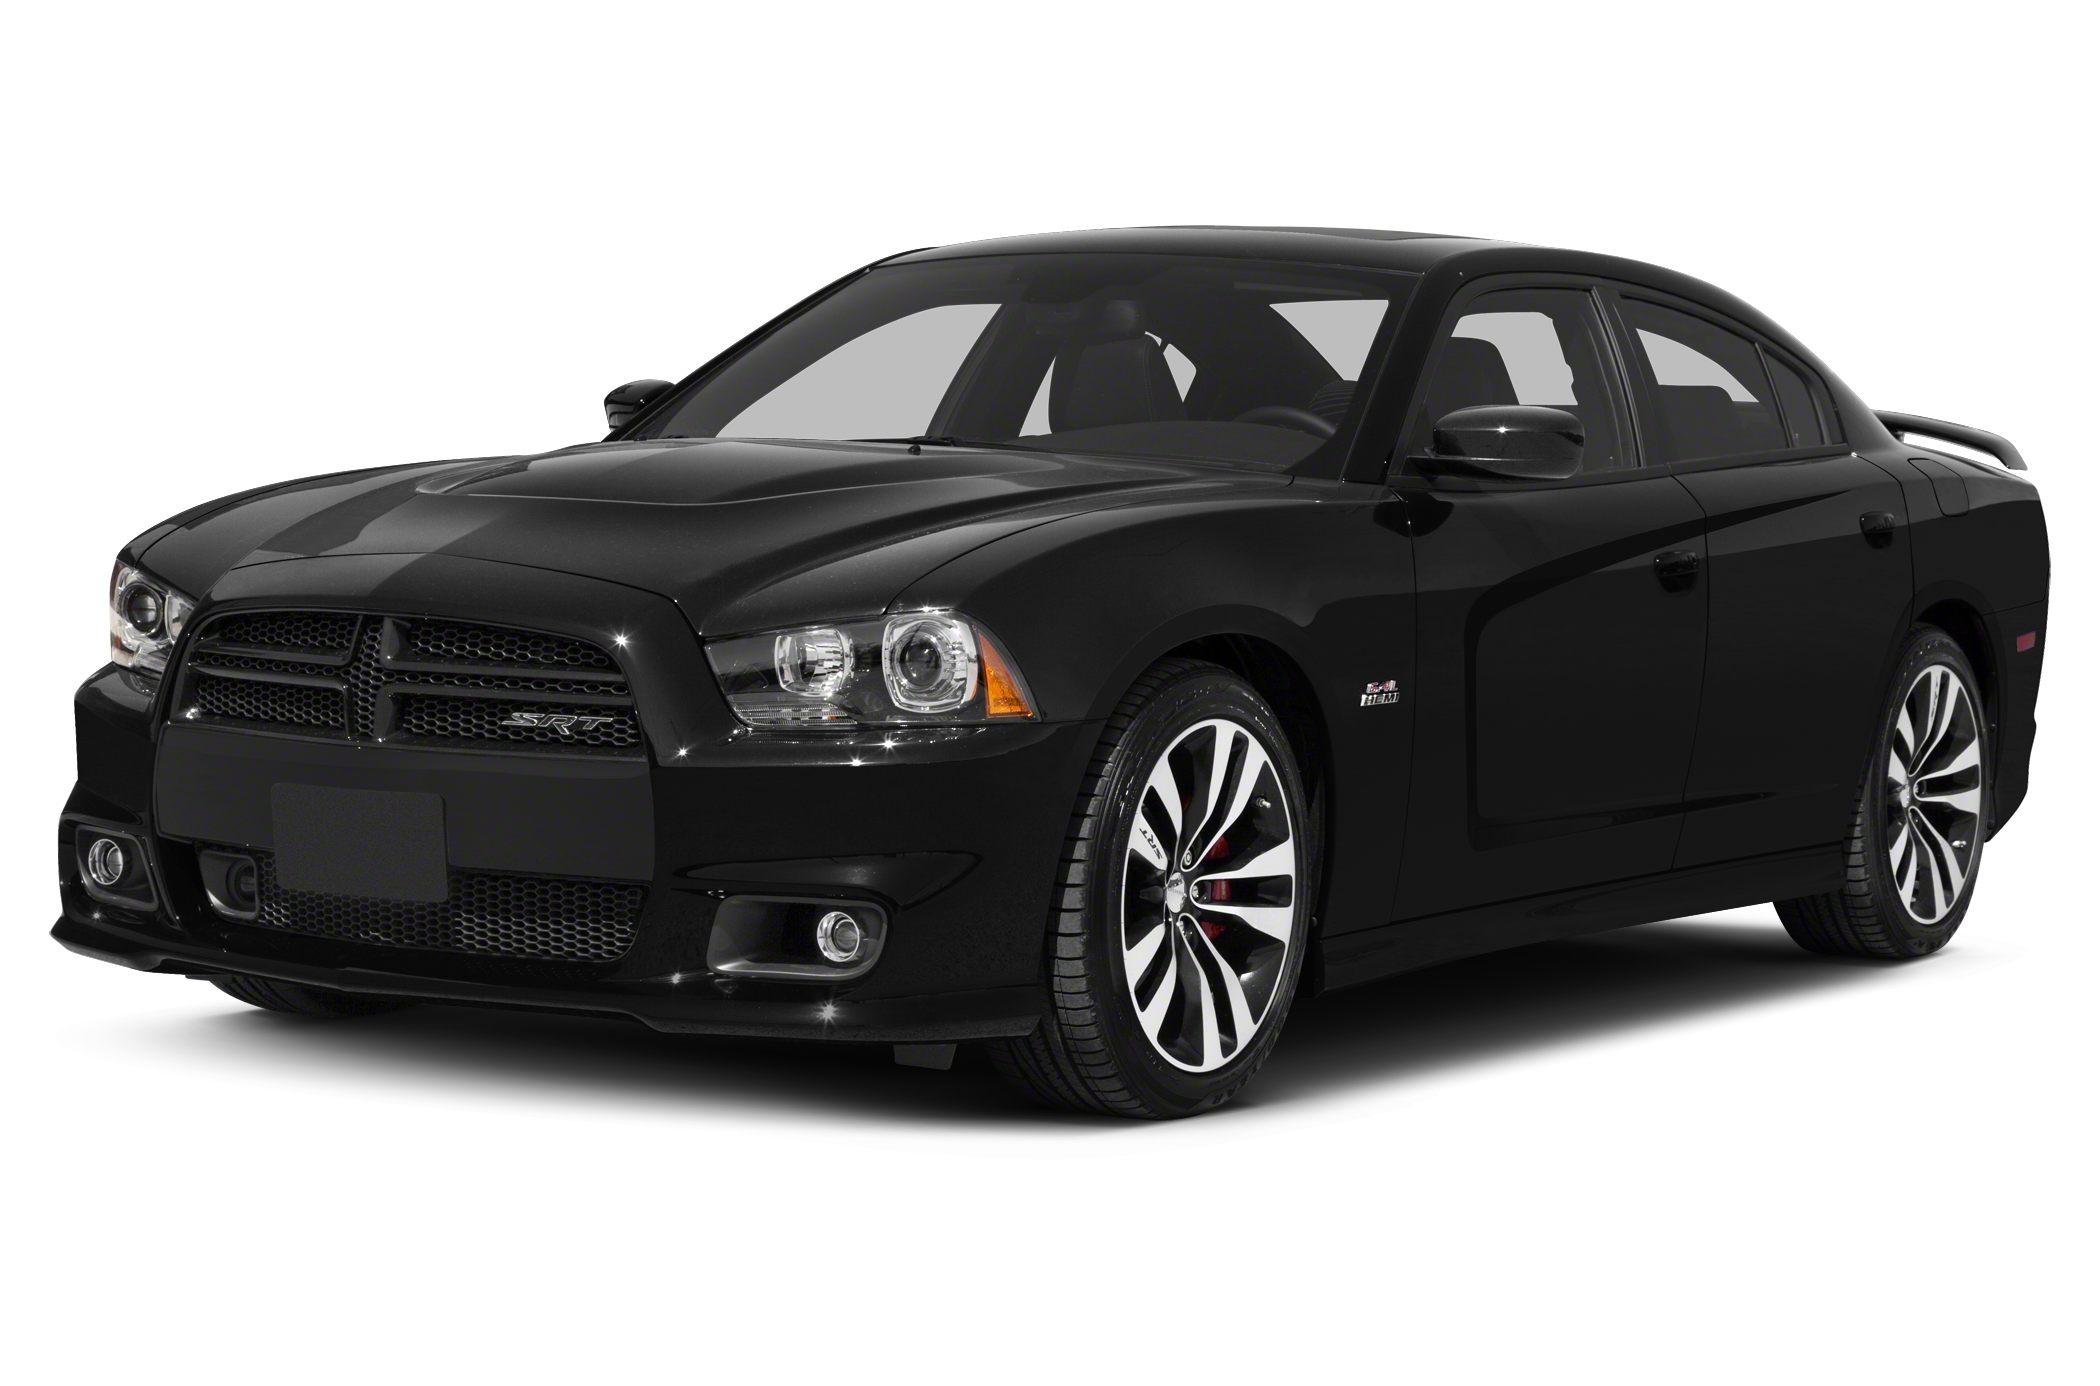 2013 Dodge Charger SRT8 Black Recent Arrival Odometer is 22509 miles below market average 2013 D